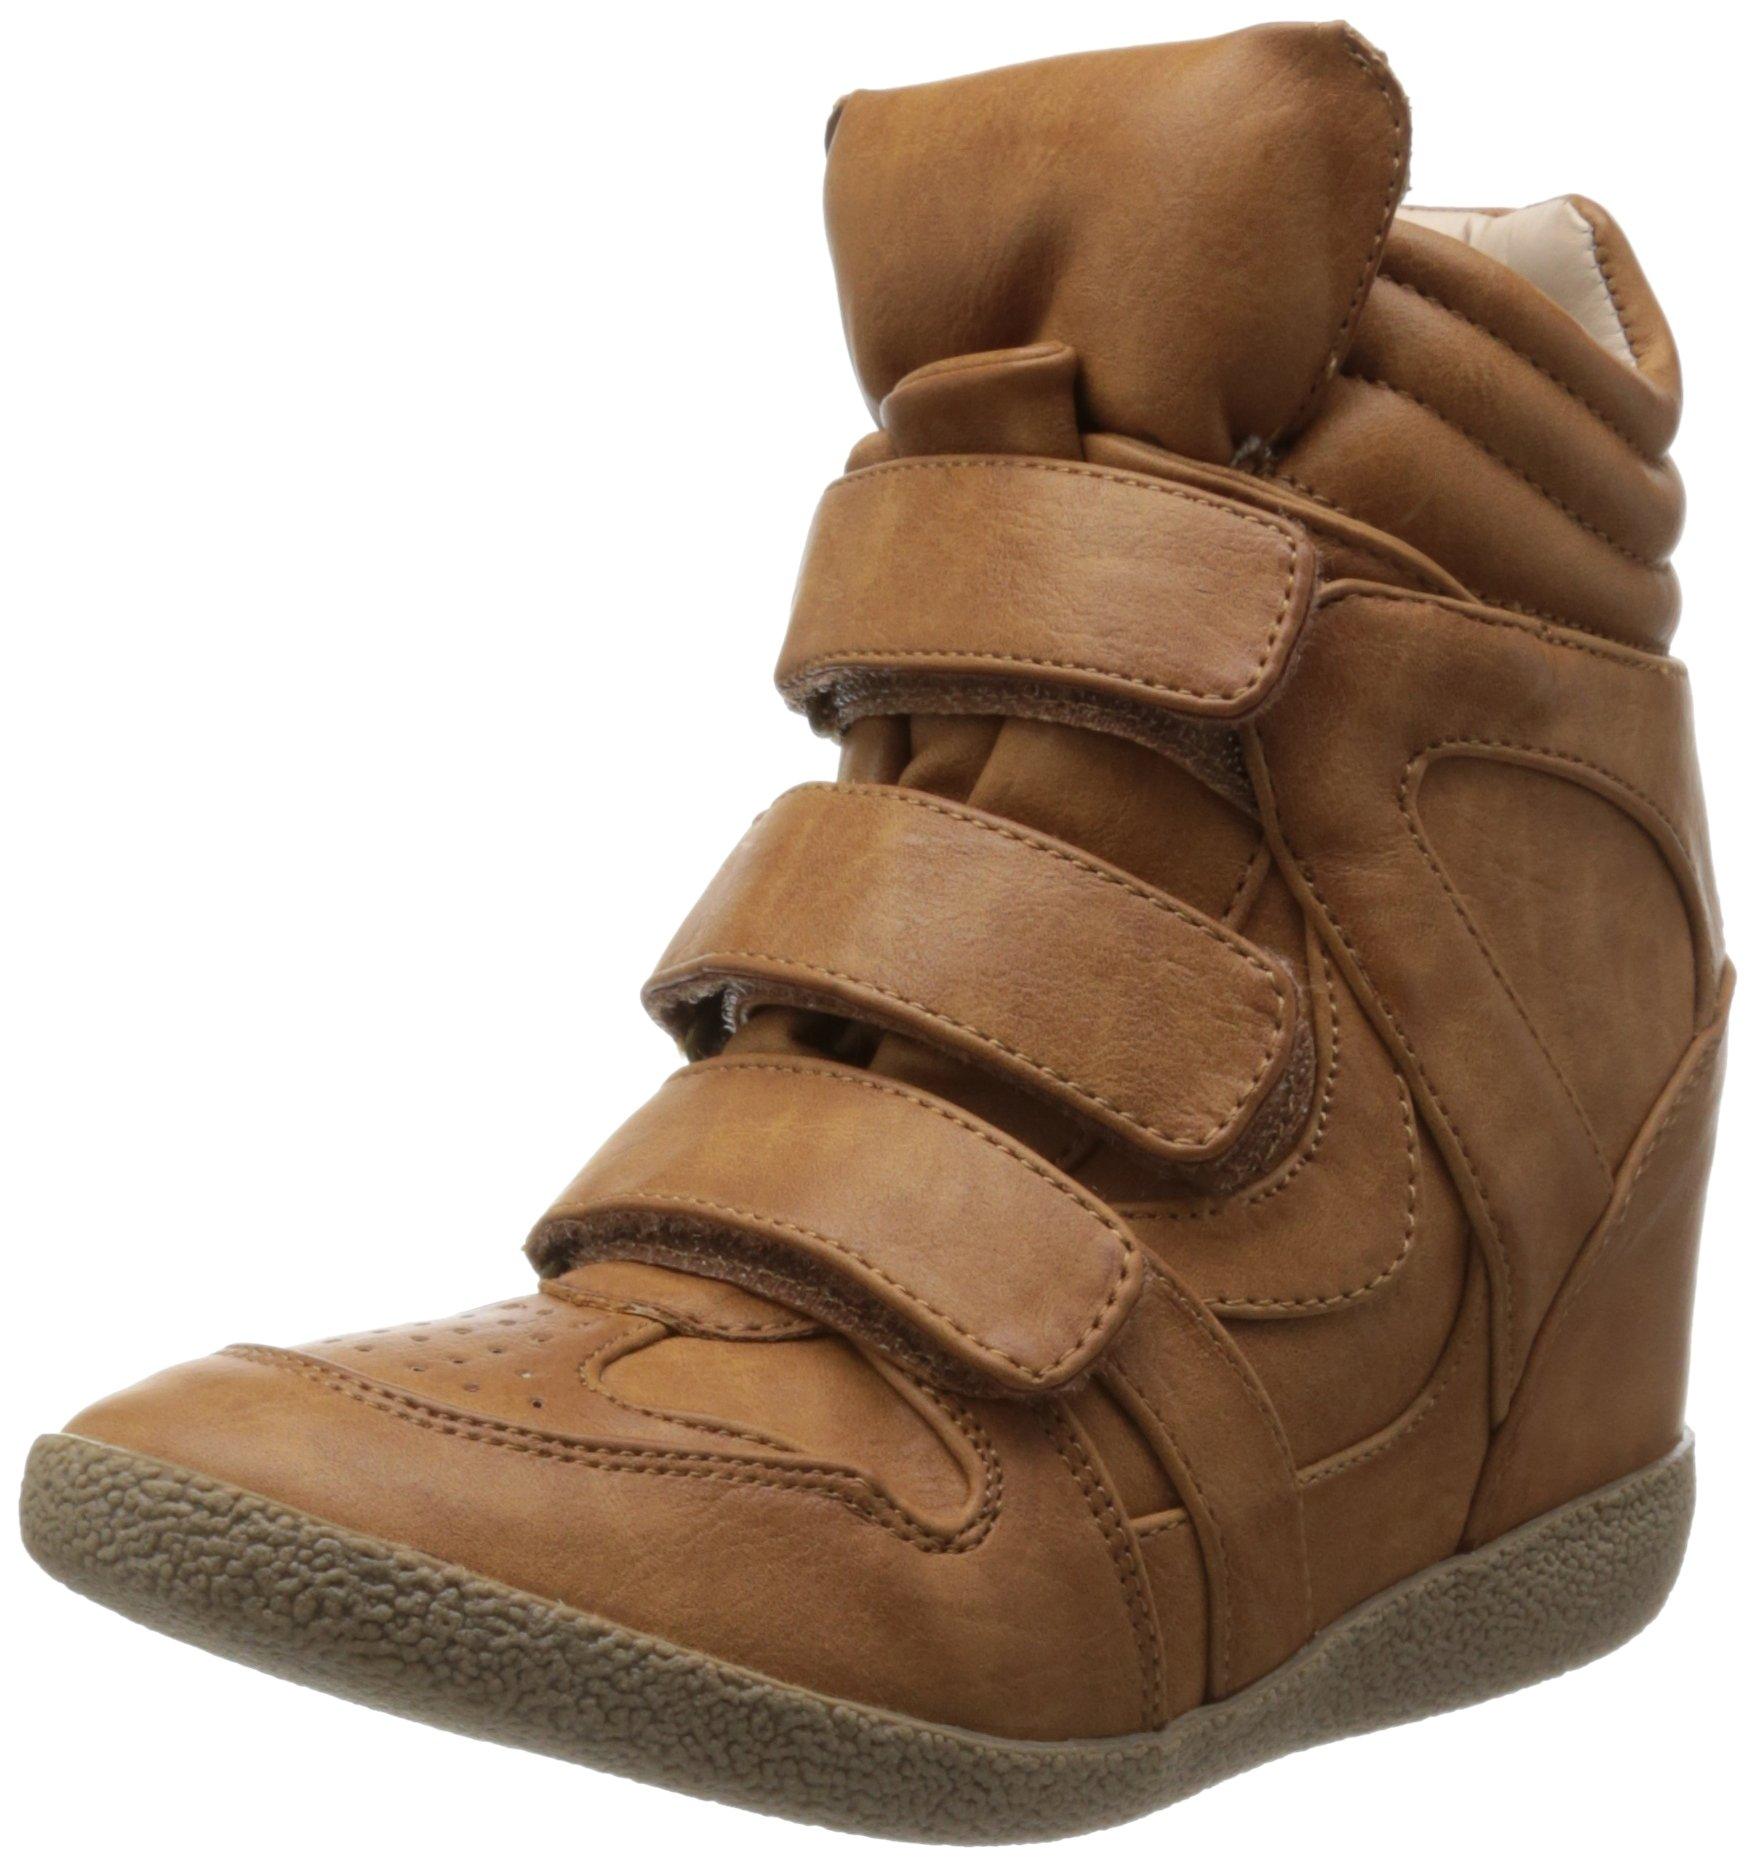 Steve Madden Women's Hilight Sneaker,Cognac,9 M US